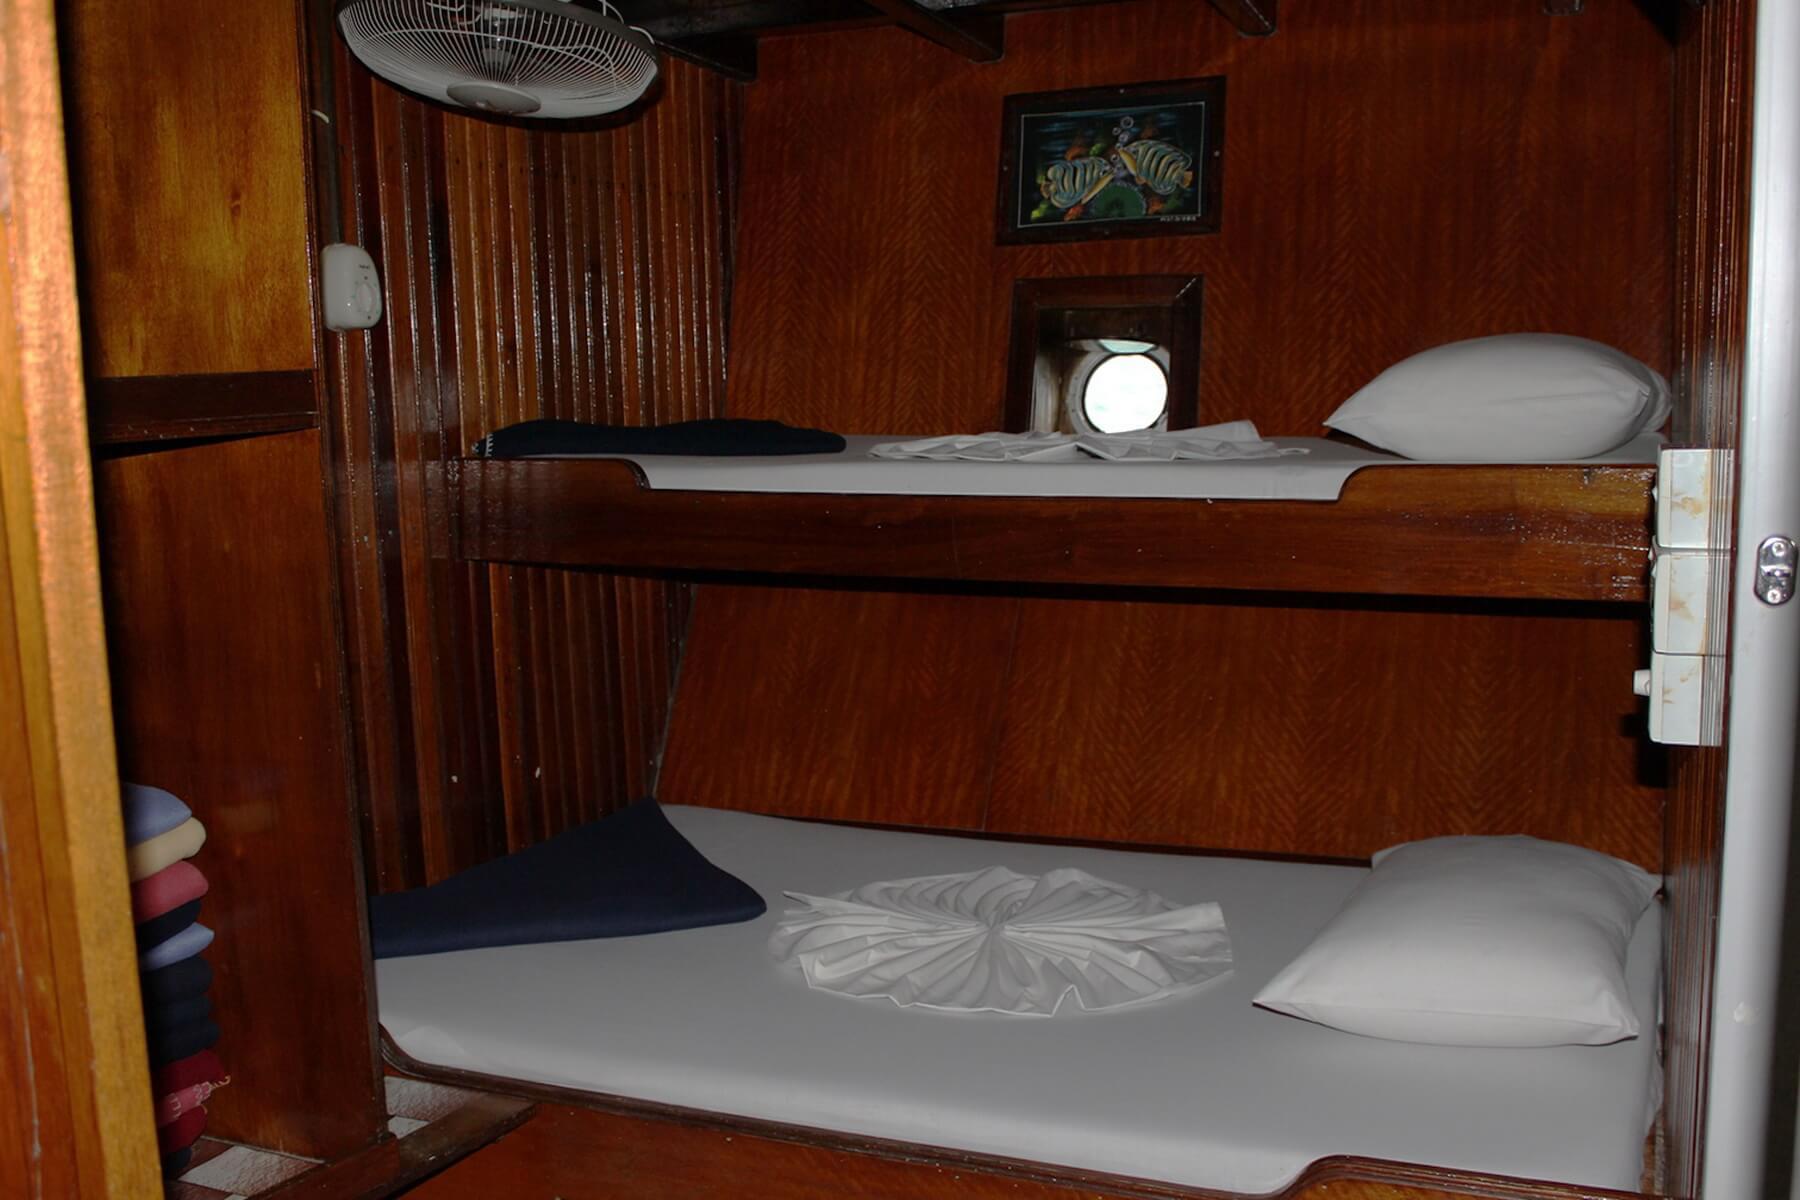 Alle Kabinen auf der MV Aisha sind mit Hochbetten, eigener Toilette und eigener Dusche ausgestattet.